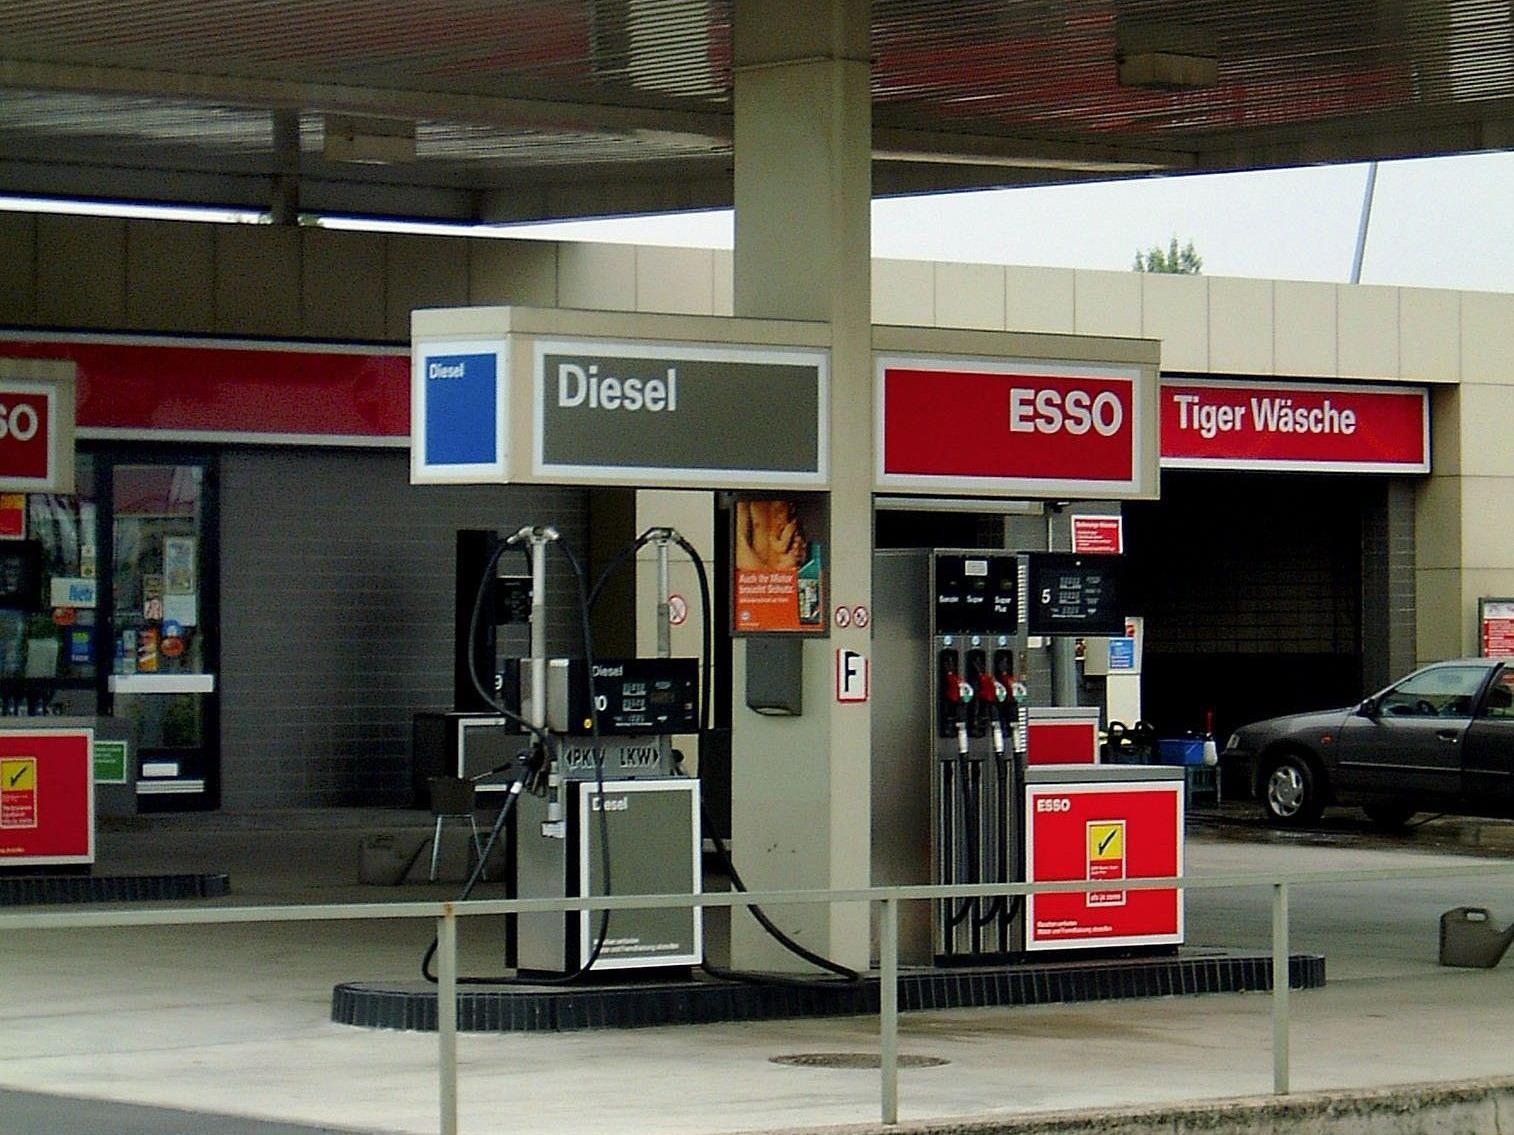 Die Angestellten der Tankstelle wurden mit einer Waffe bedroht.